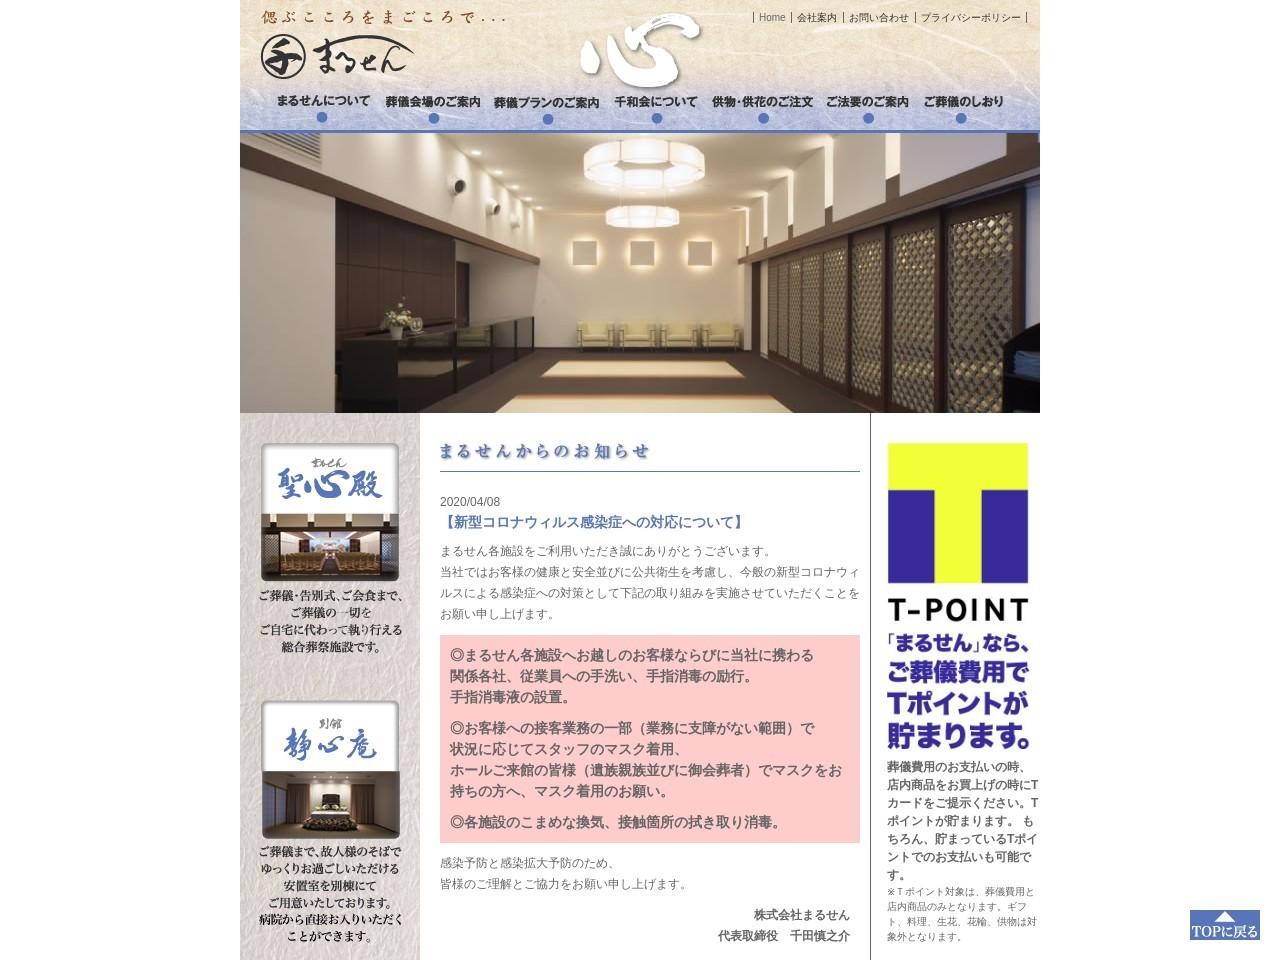 株式会社まるせん|まるせんさん|秋田県横手市十文字町|偲ぶこころをまごころで。葬儀・告別式・会食の一切を執り行える総合葬祭施設